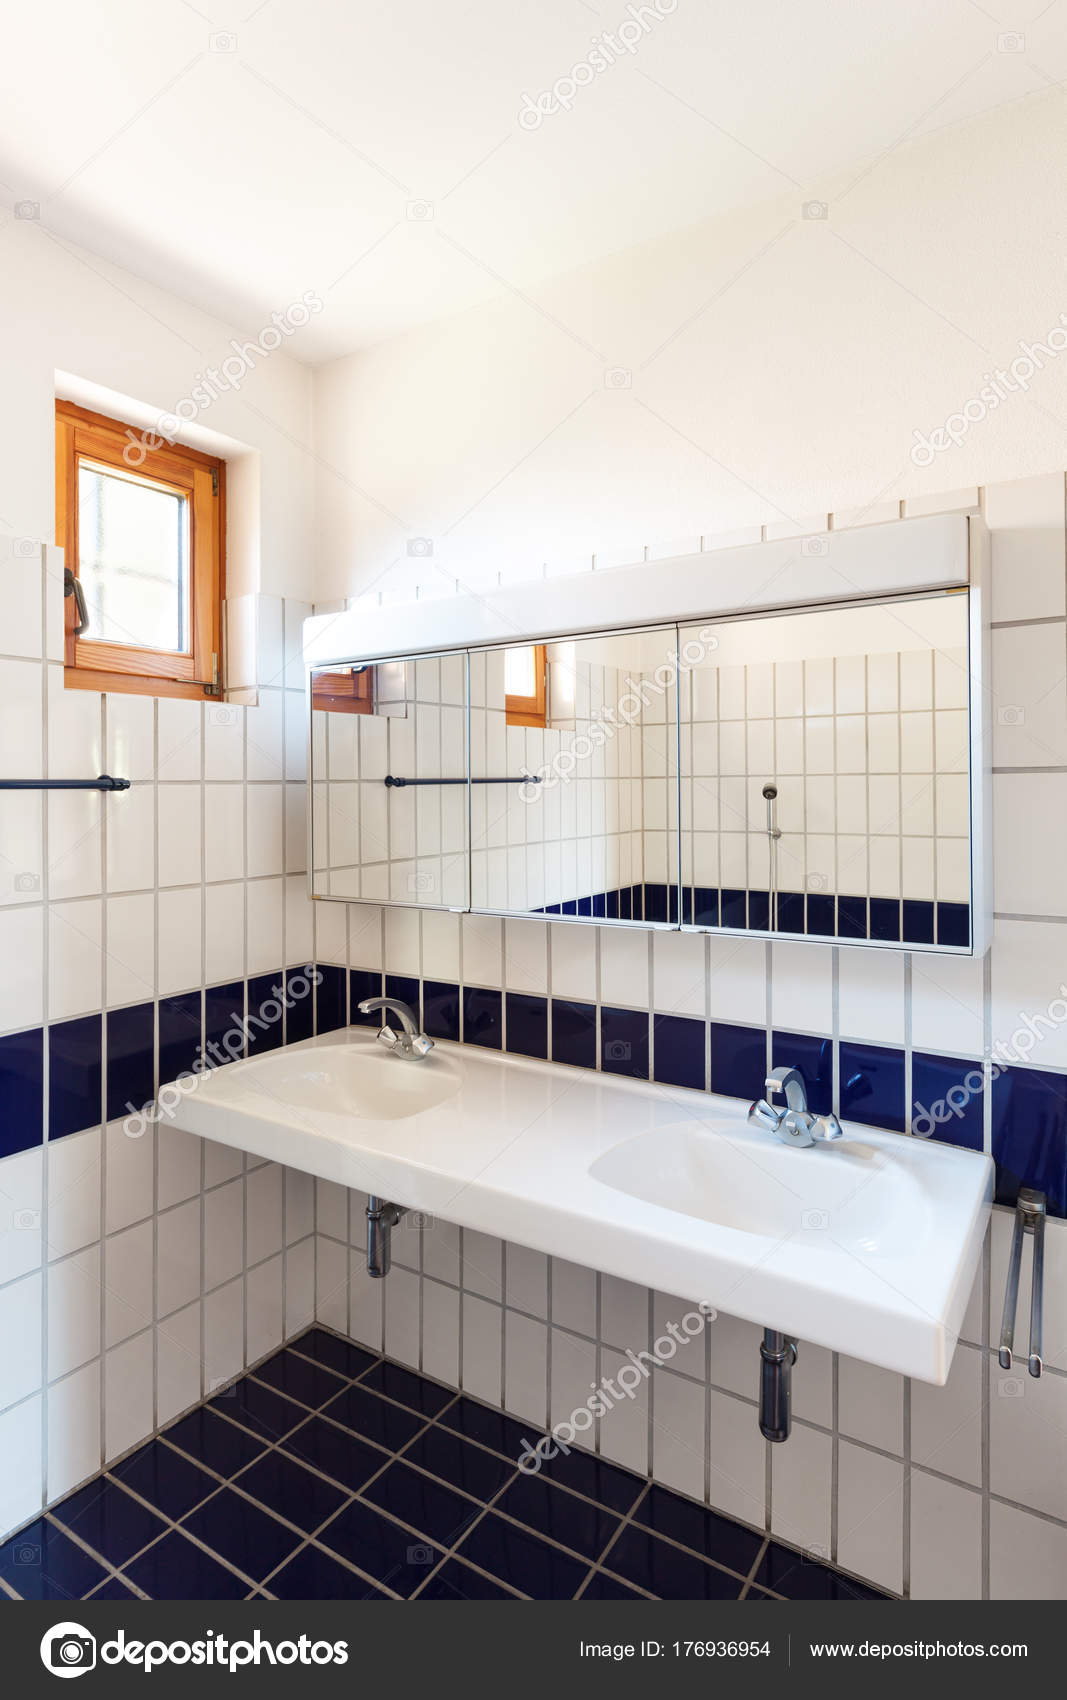 Architektur, Badezimmer — Stockfoto © Zveiger #176936954